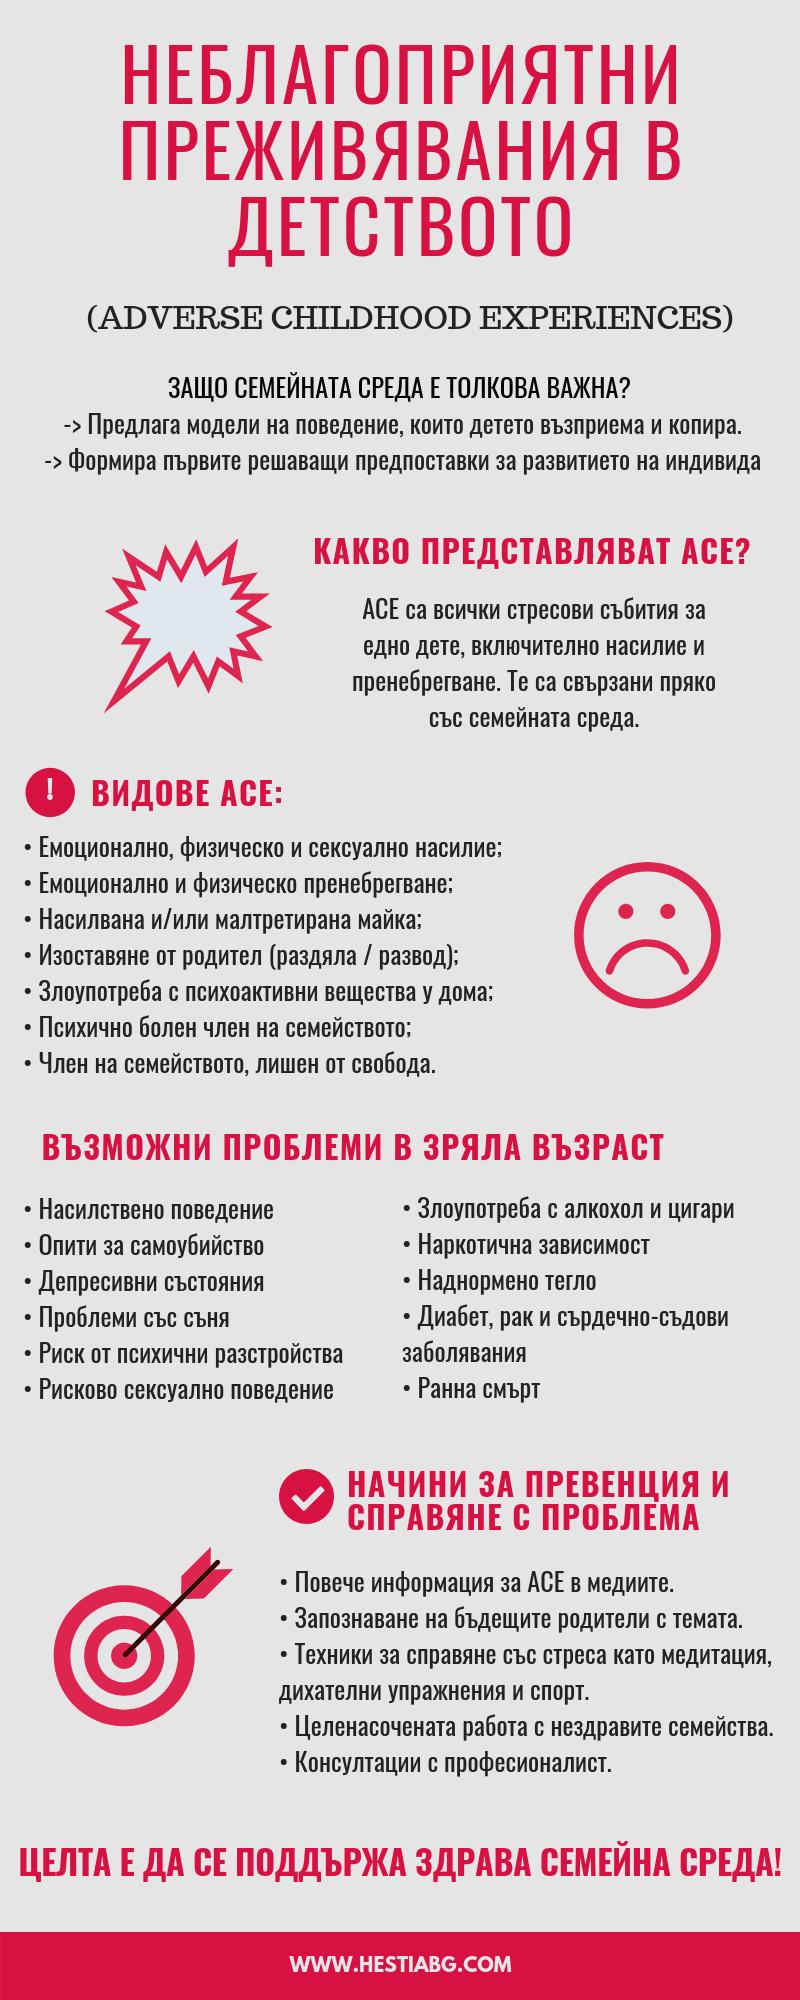 ACE Инфографика